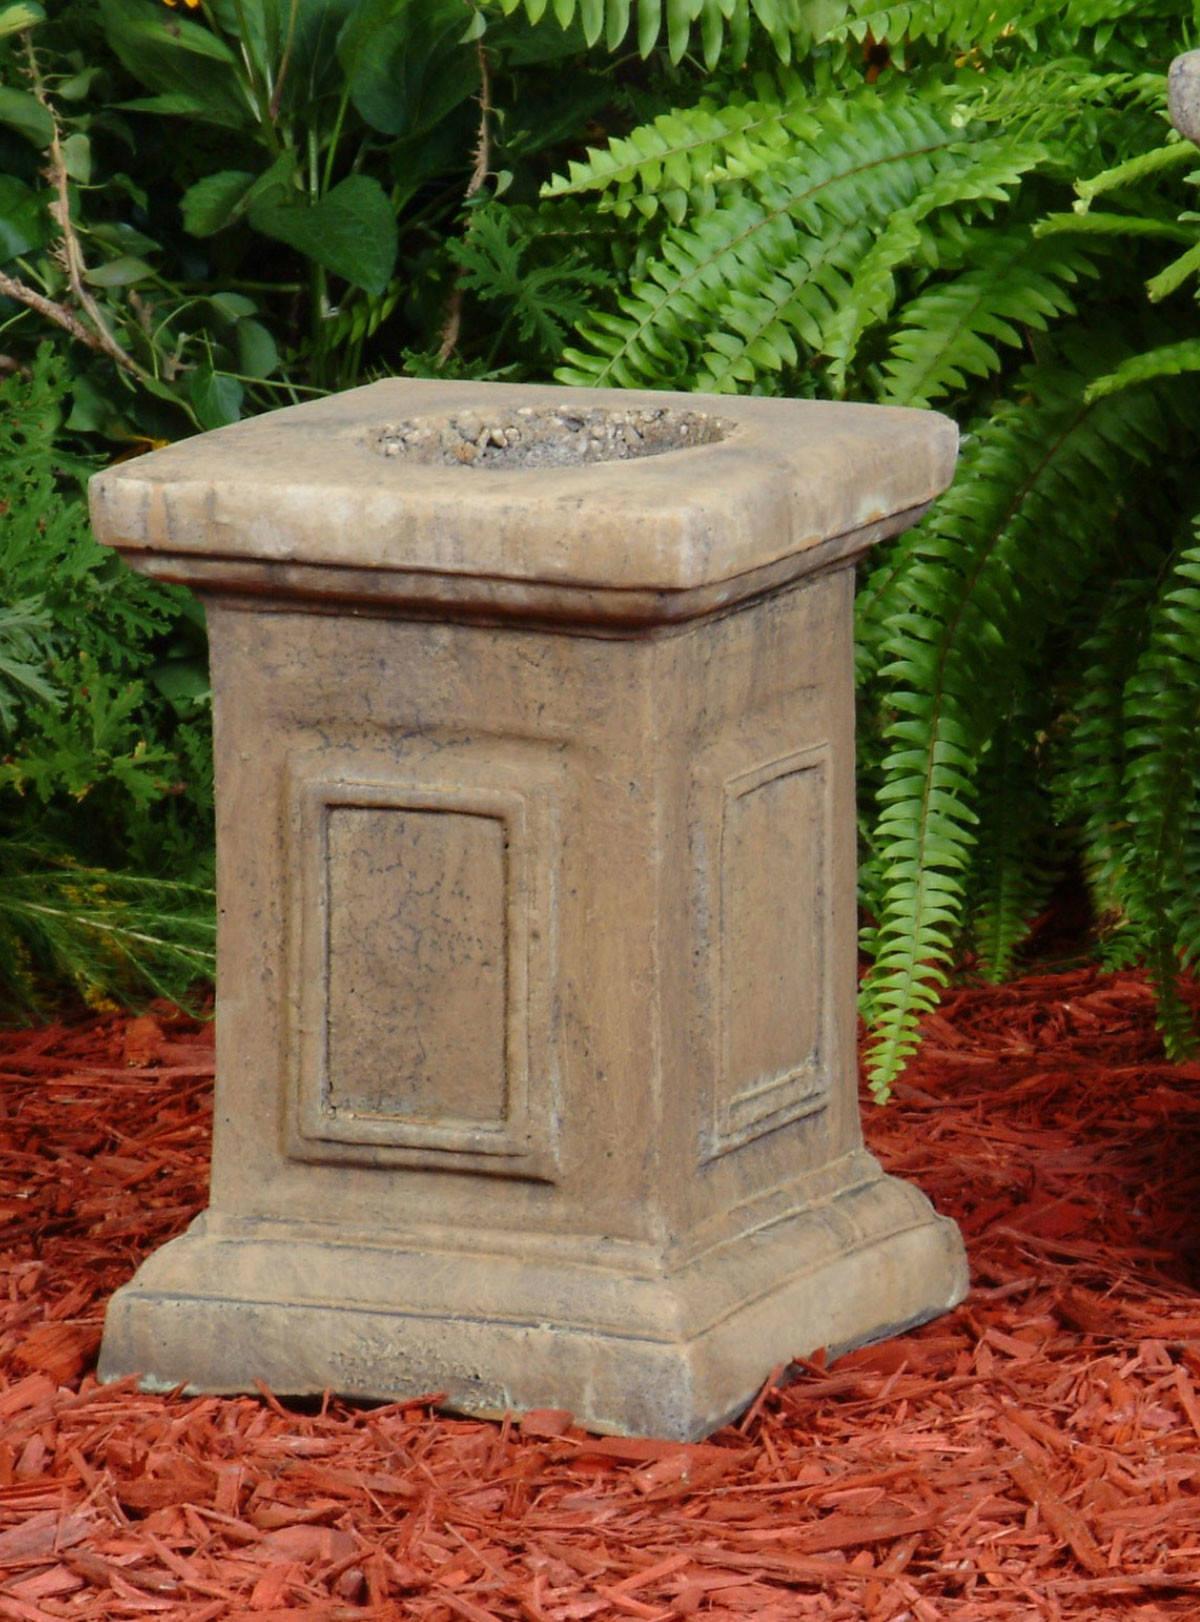 shop planter garden pedestal vase annecy on pot s stone plant large